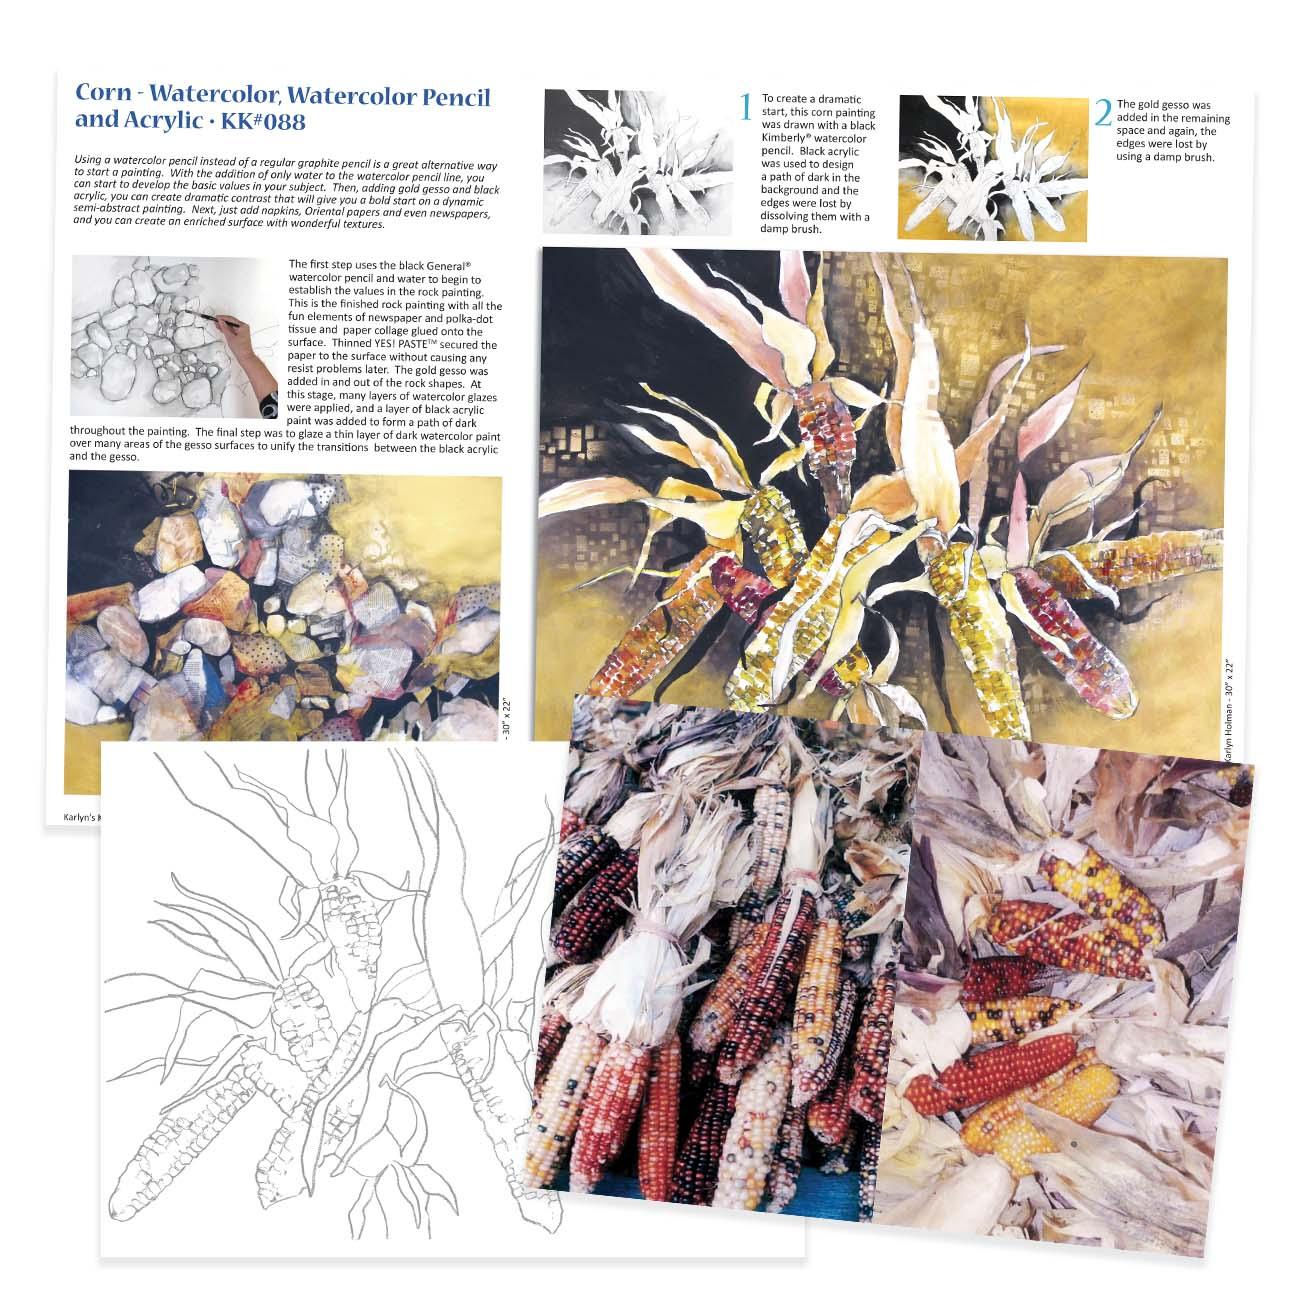 KK088 - Corn, Watercolor & Acrylic